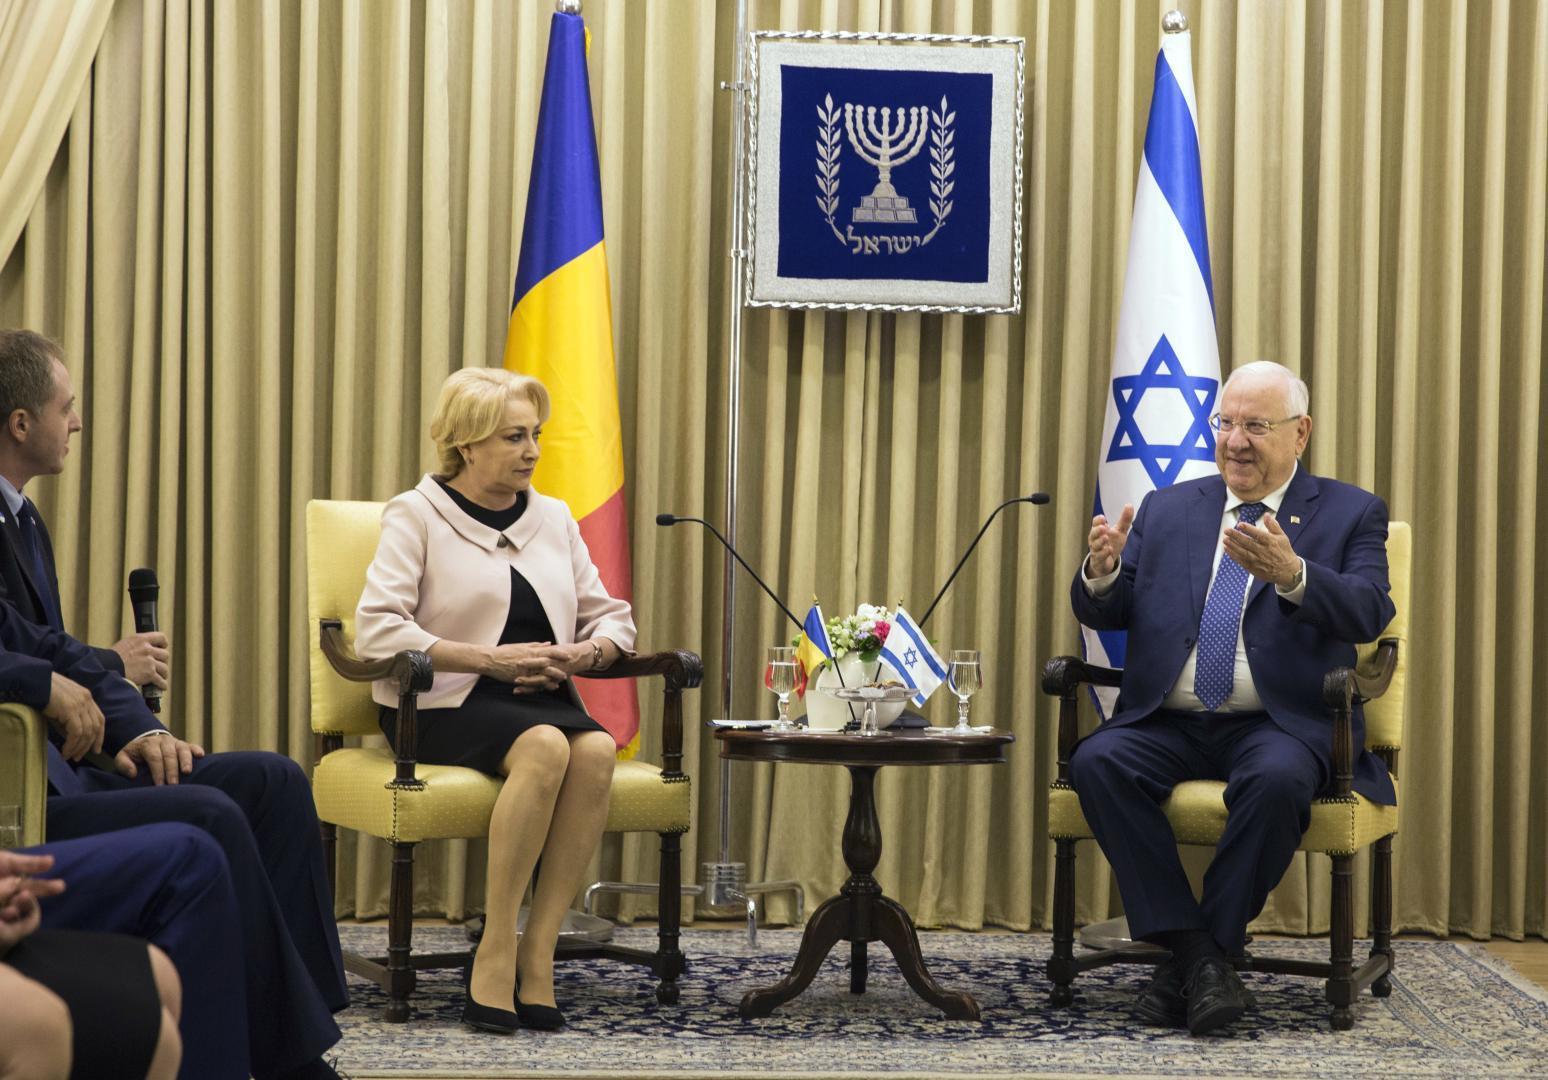 Presedintele-israelian-Rueven-Rivli-a-primit-o-pe-Viocica-Dancila-premierul-roman